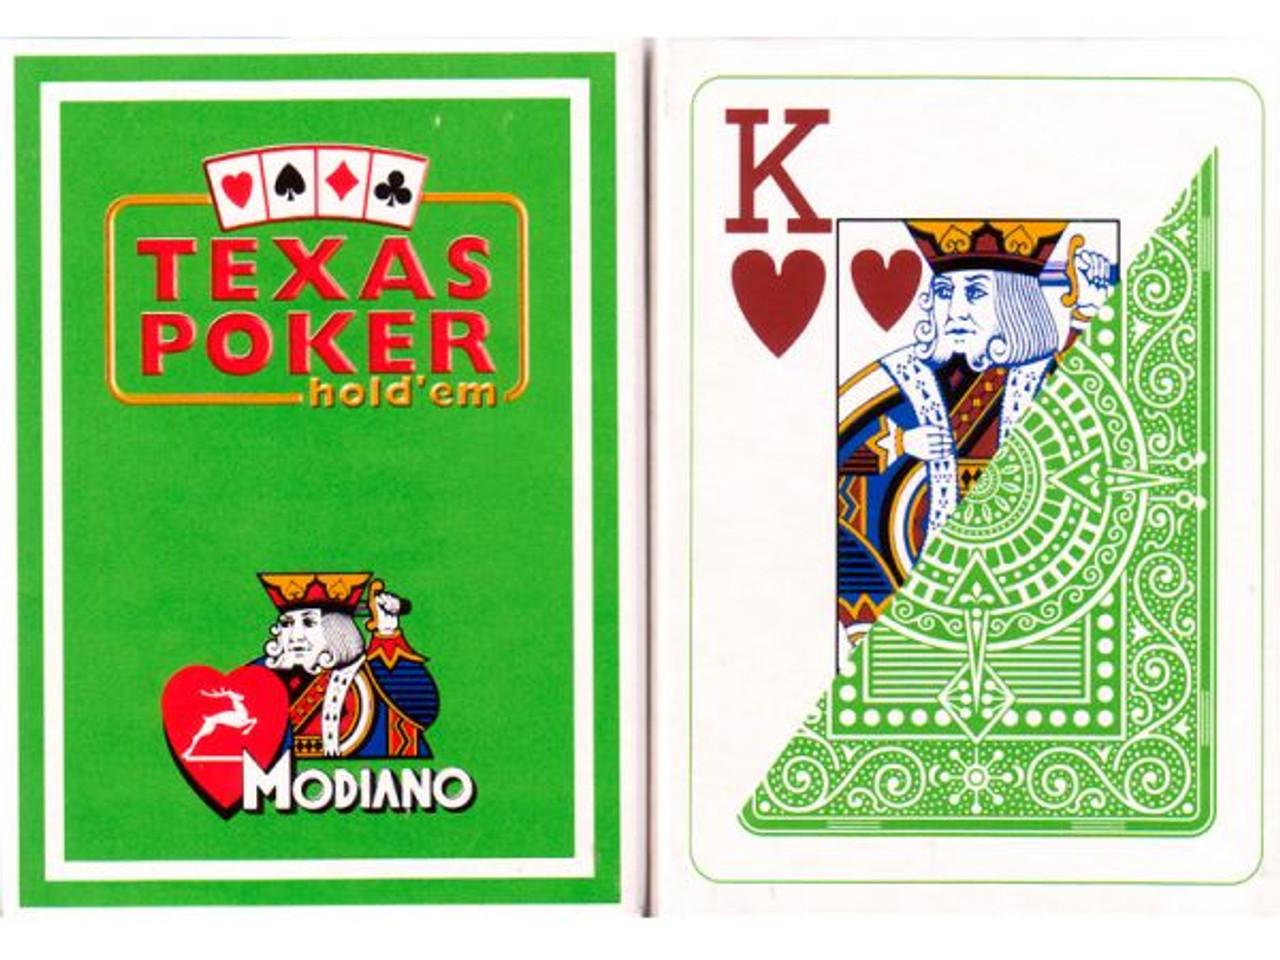 Carti de Texas Holdem 100% plastic, cu index mare verde deschis